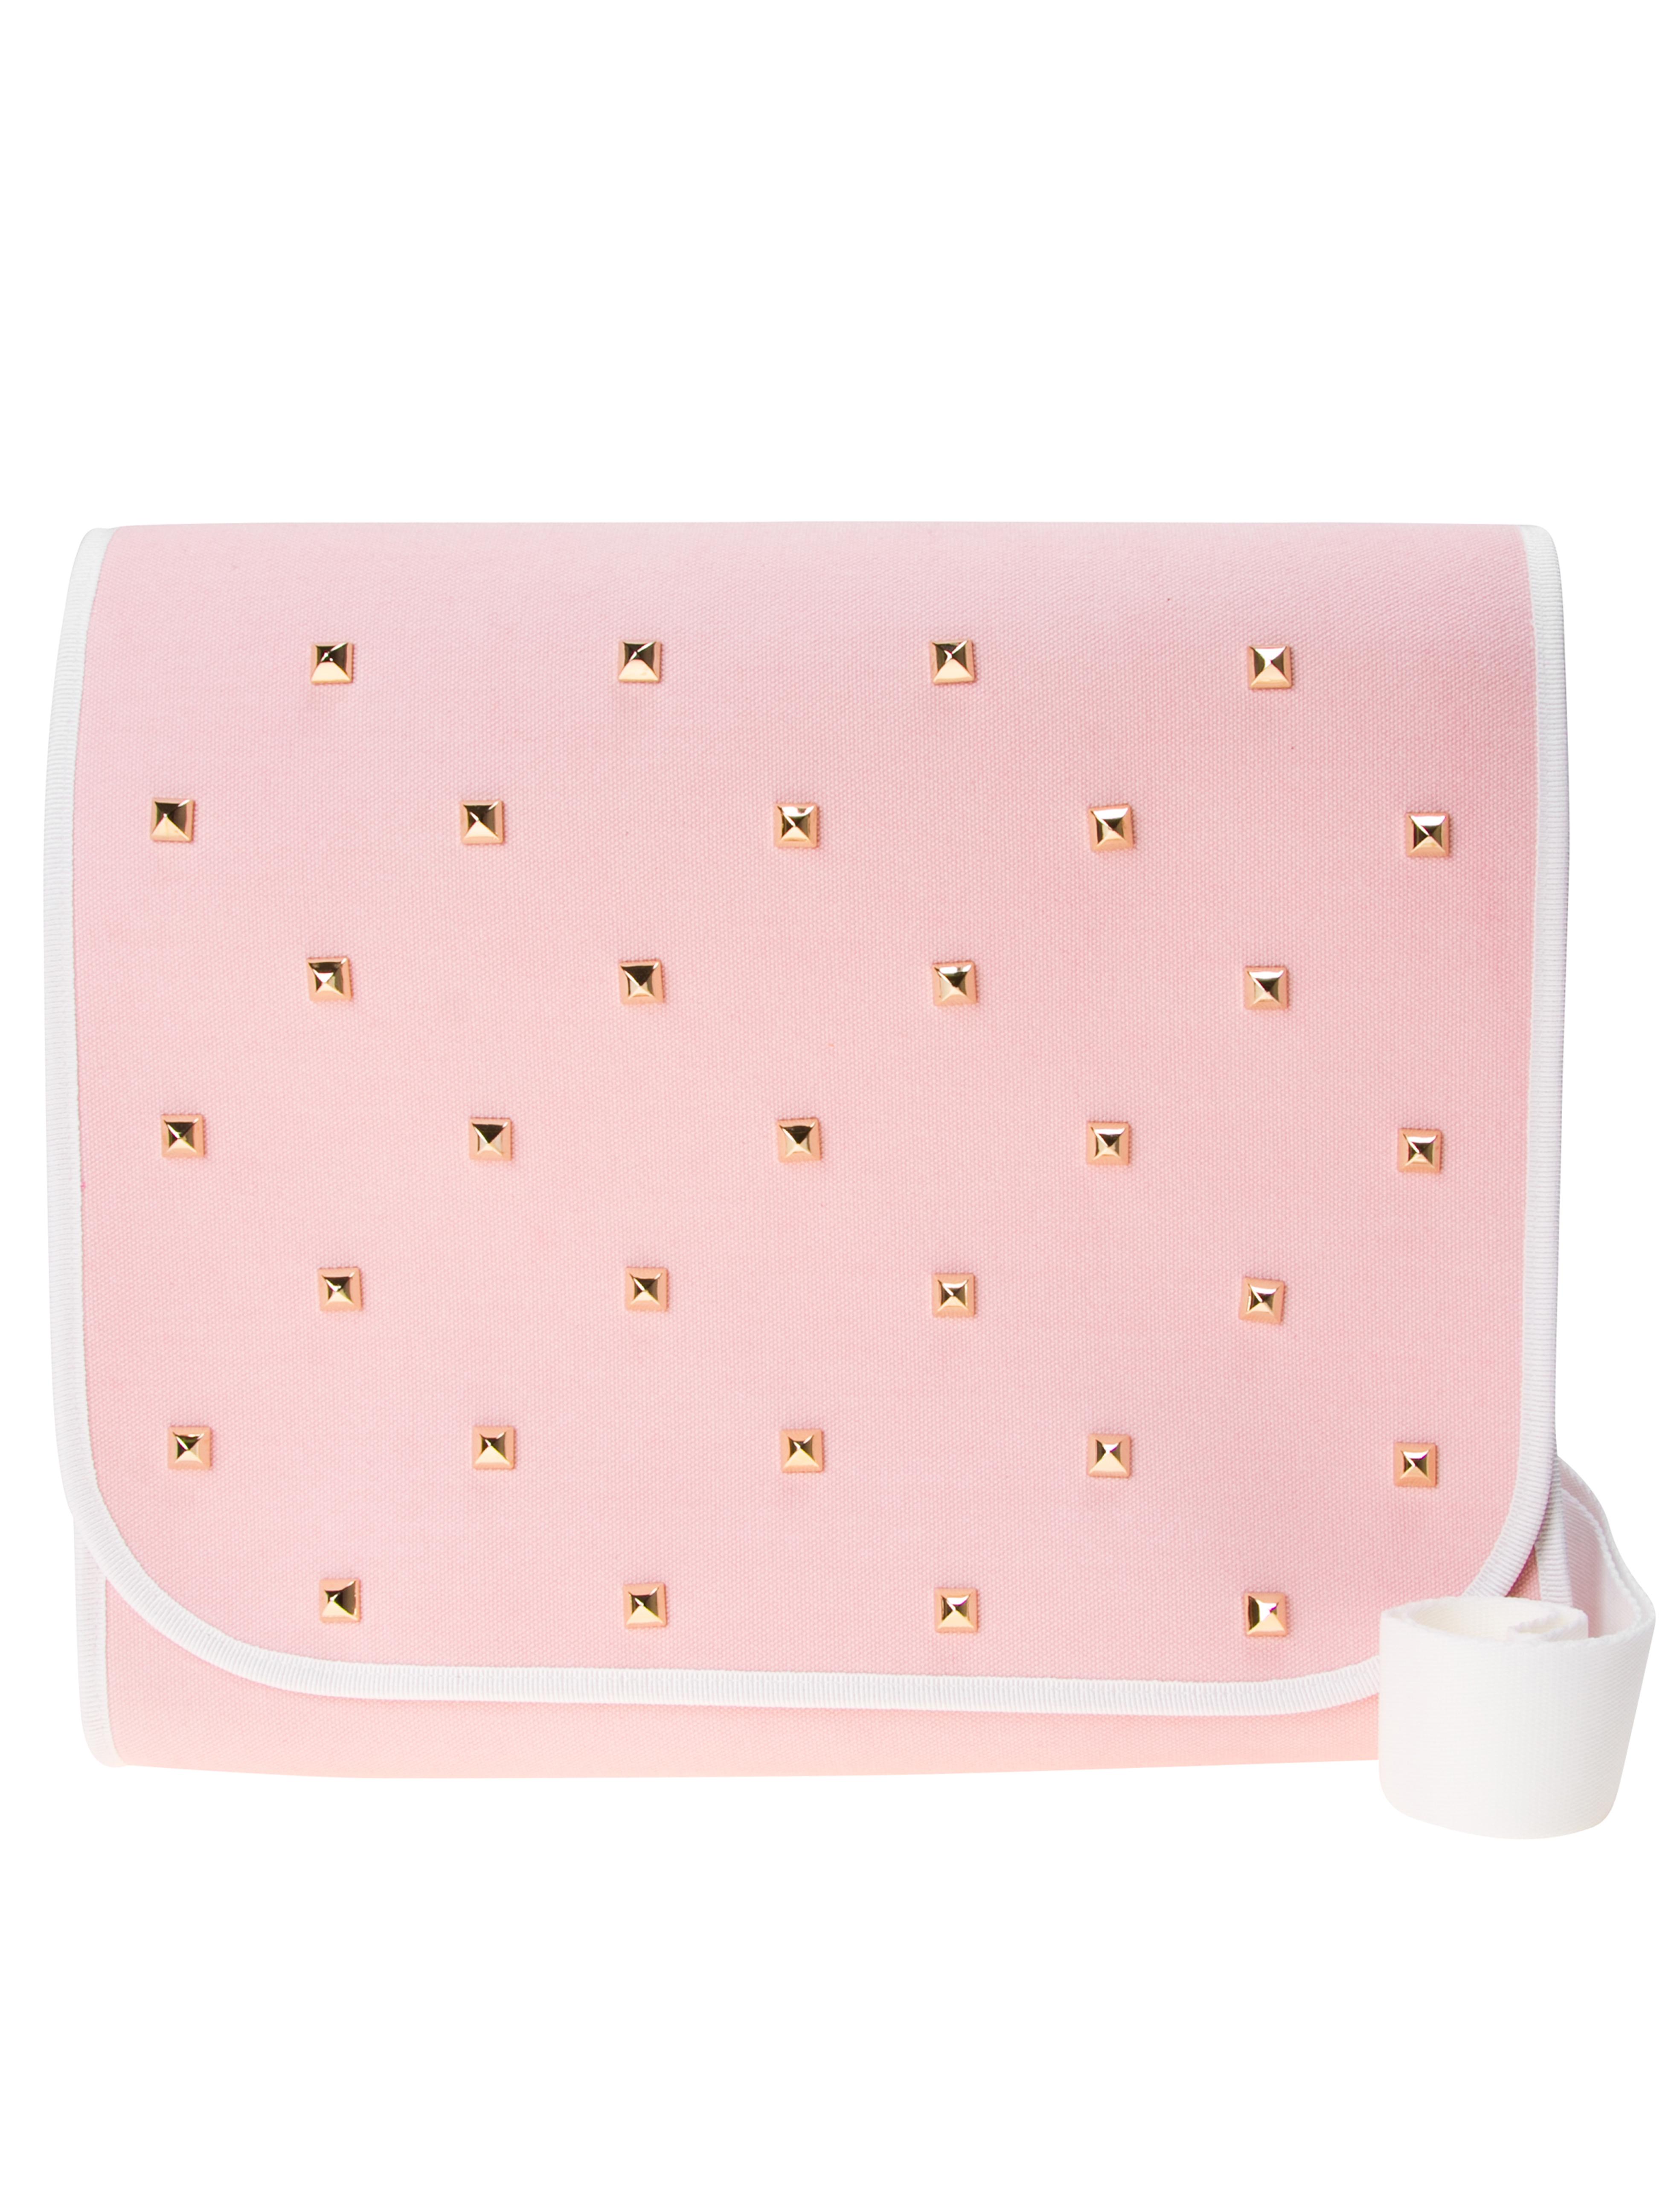 Сумка RO'RO 1892156 розового цвета